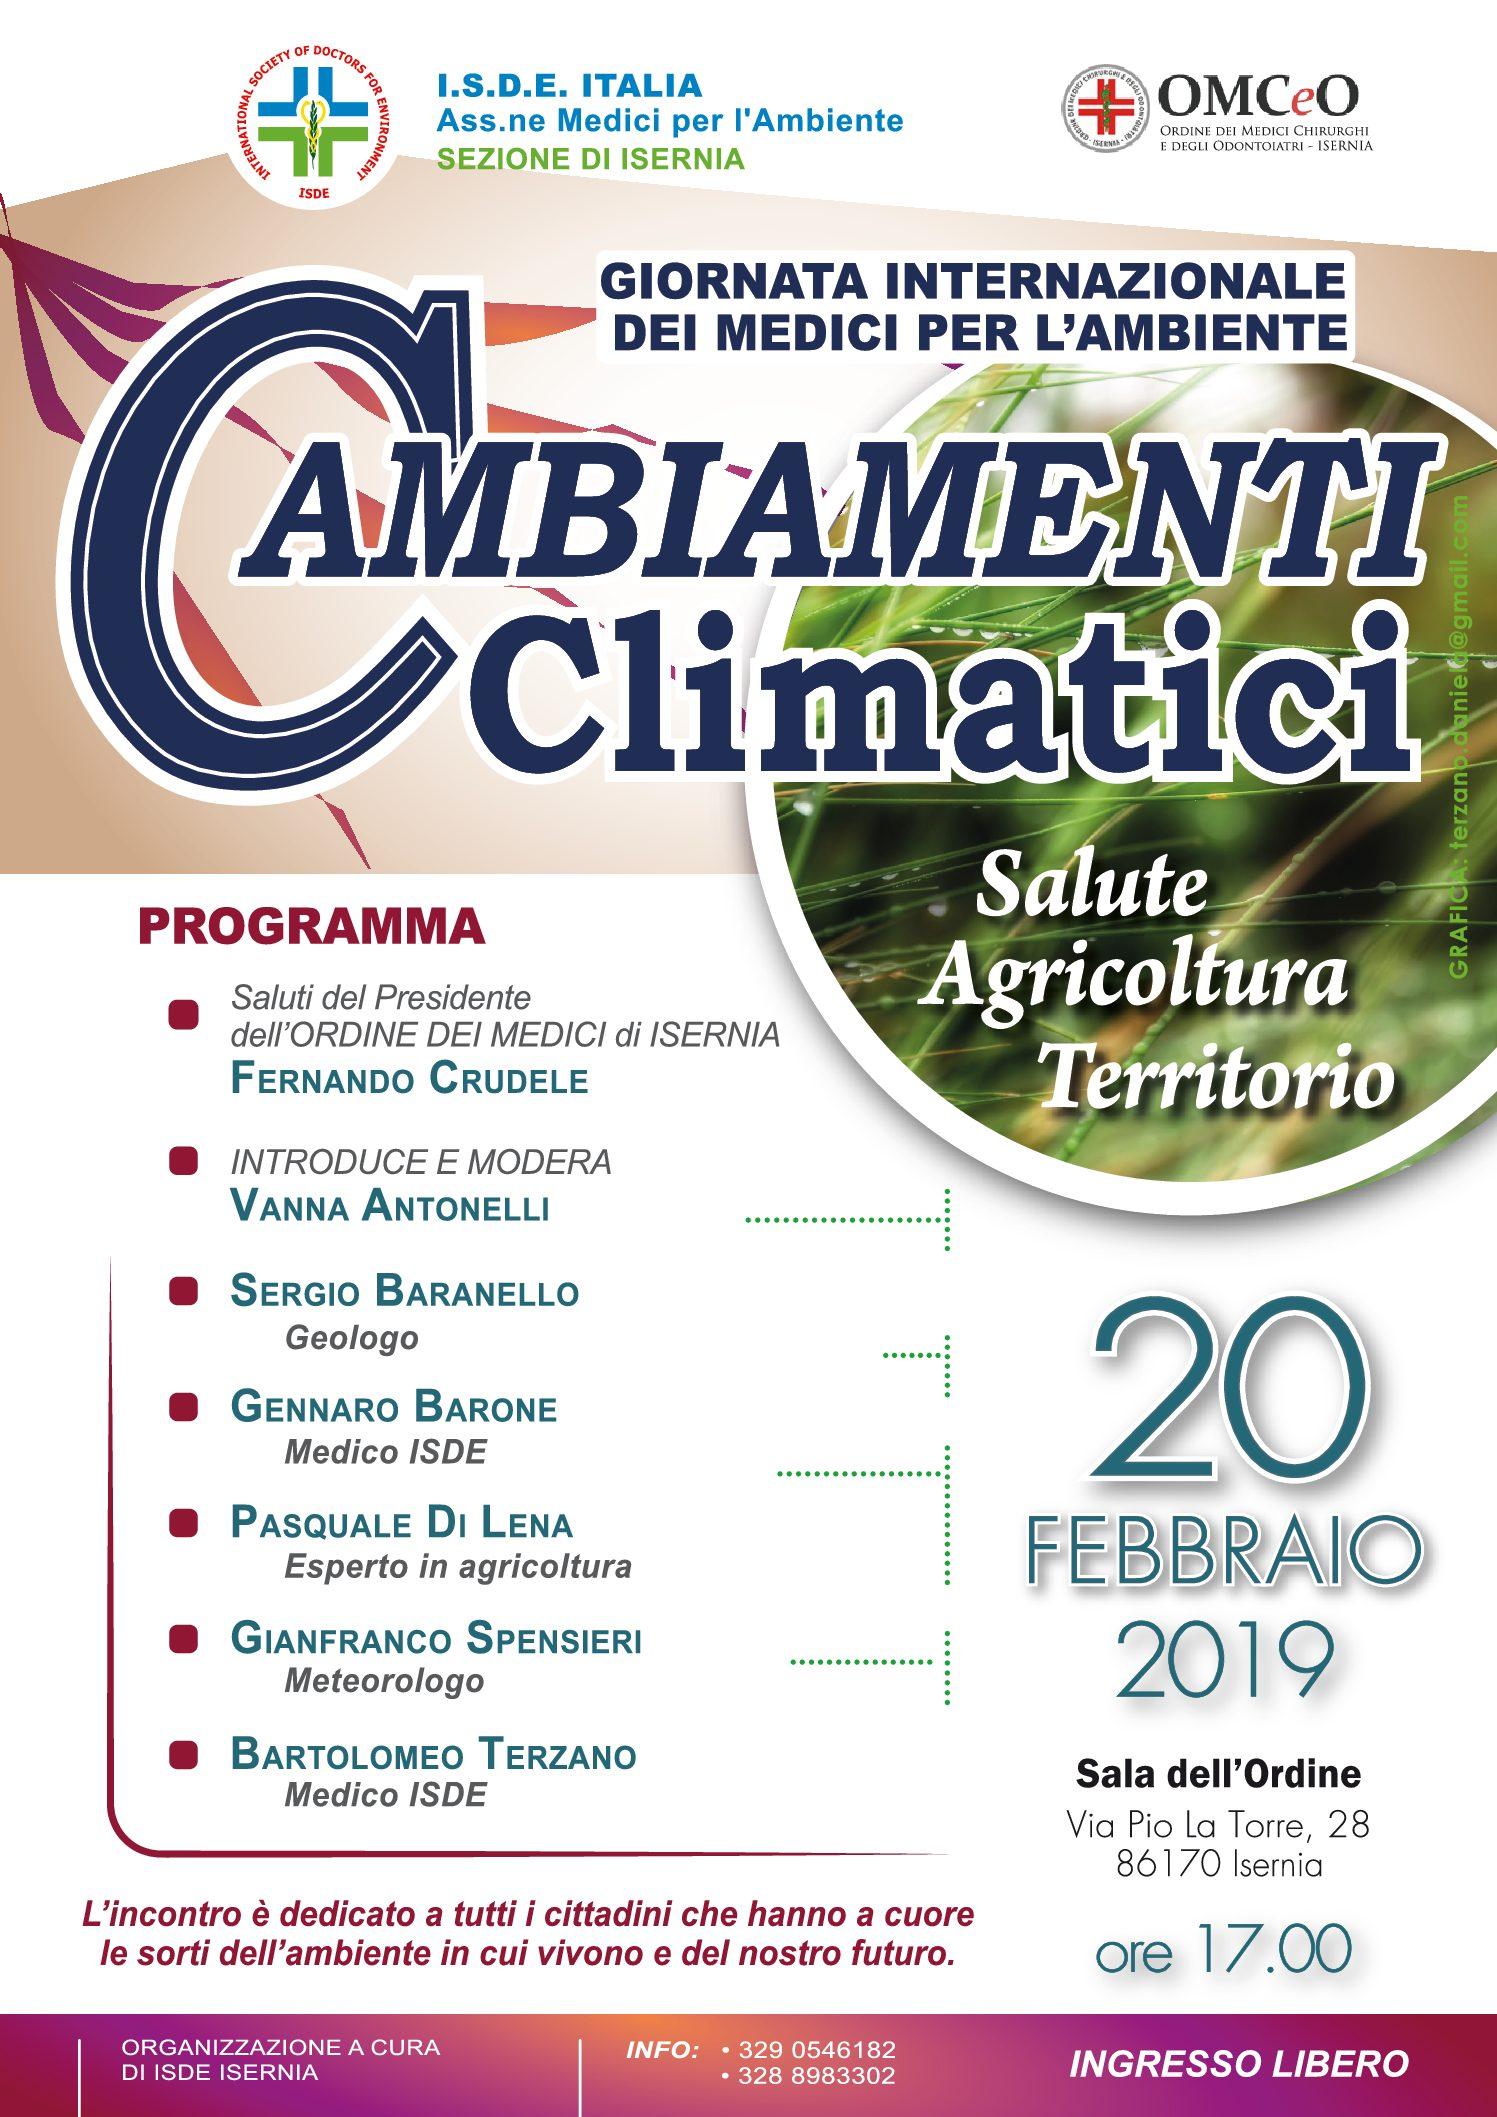 CAMBIAMENTI CLIMATICI Salute, Agricoltura, Territorio